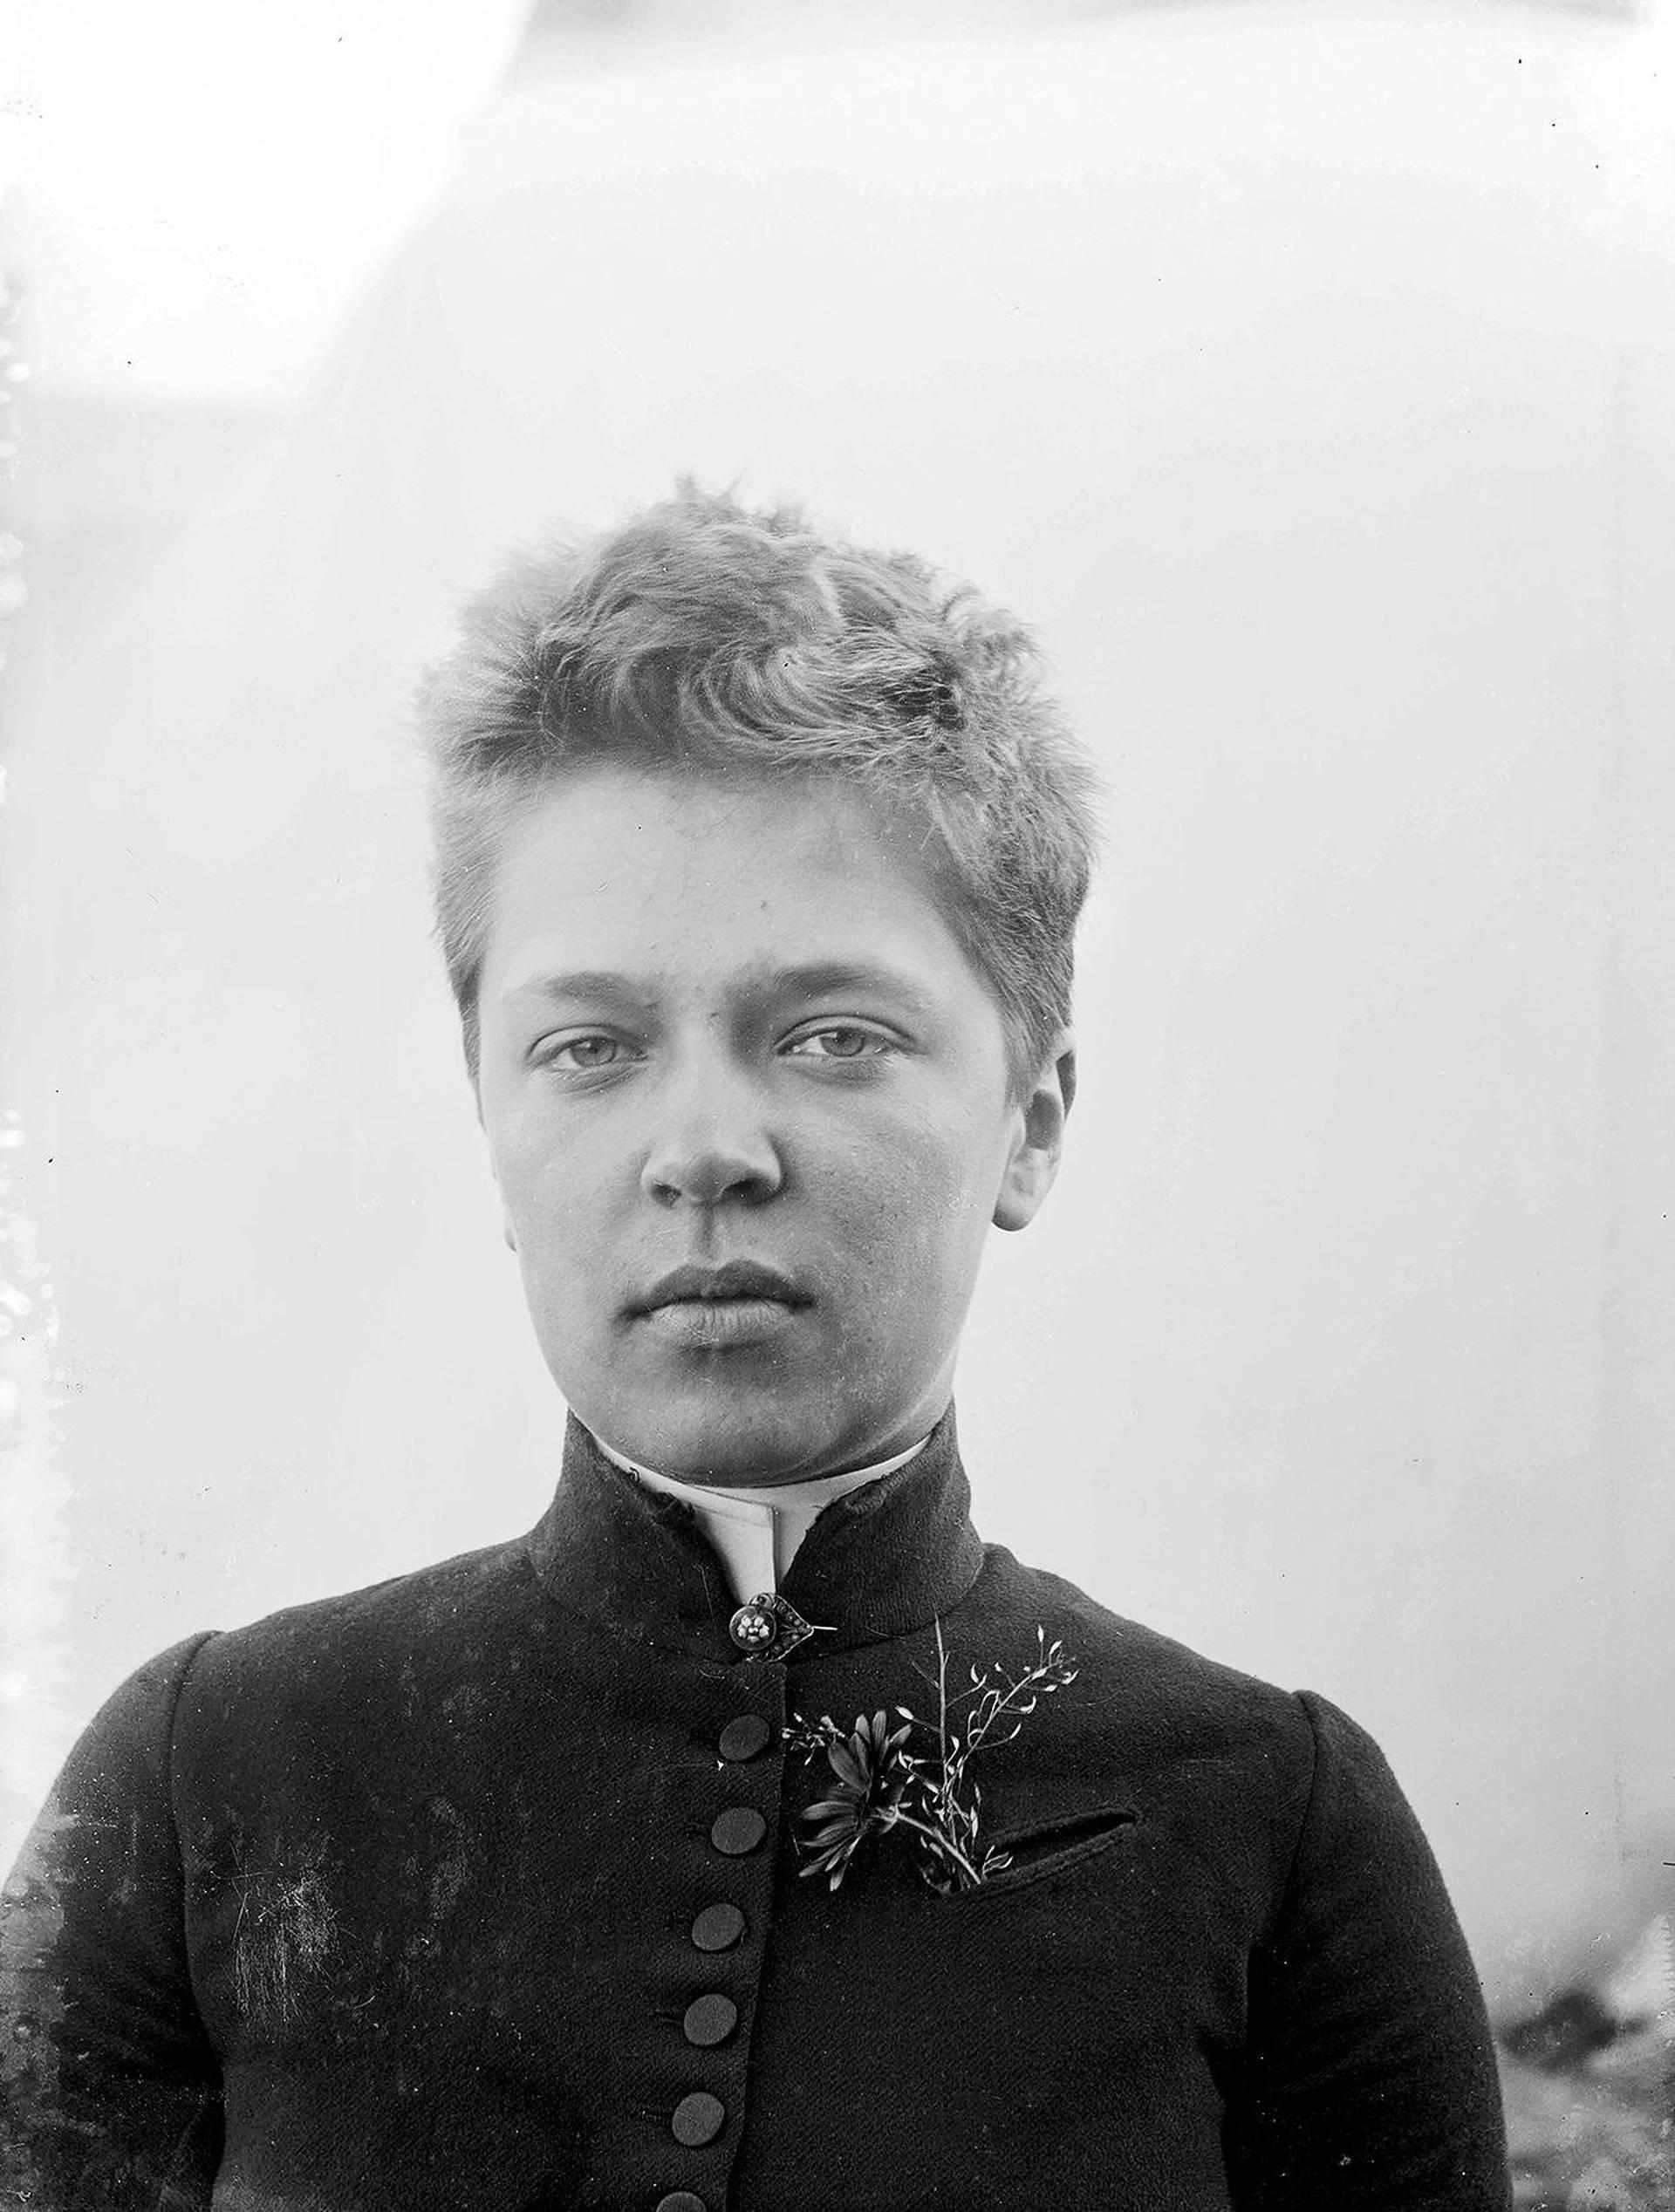 File:Ellen-Thesleff-1890s.jpg - Wikimedia Commons